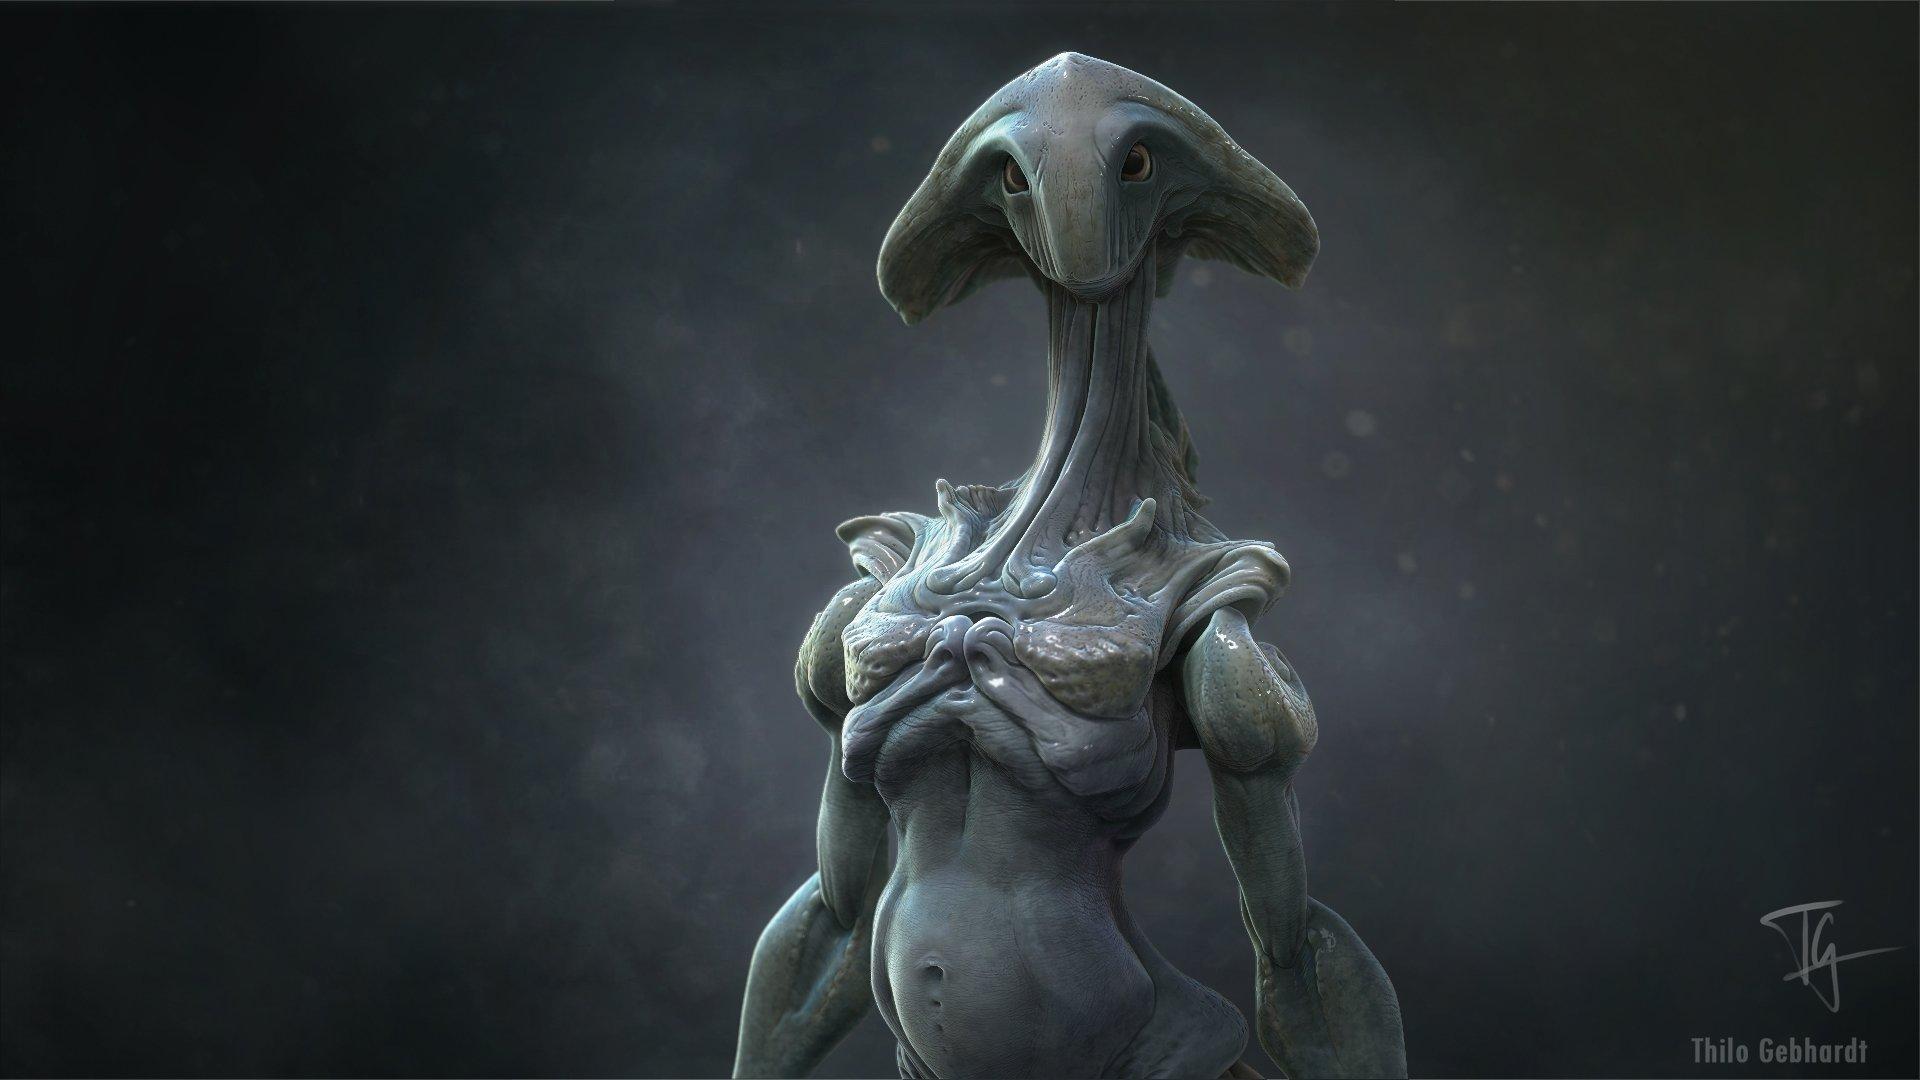 hot alien women art